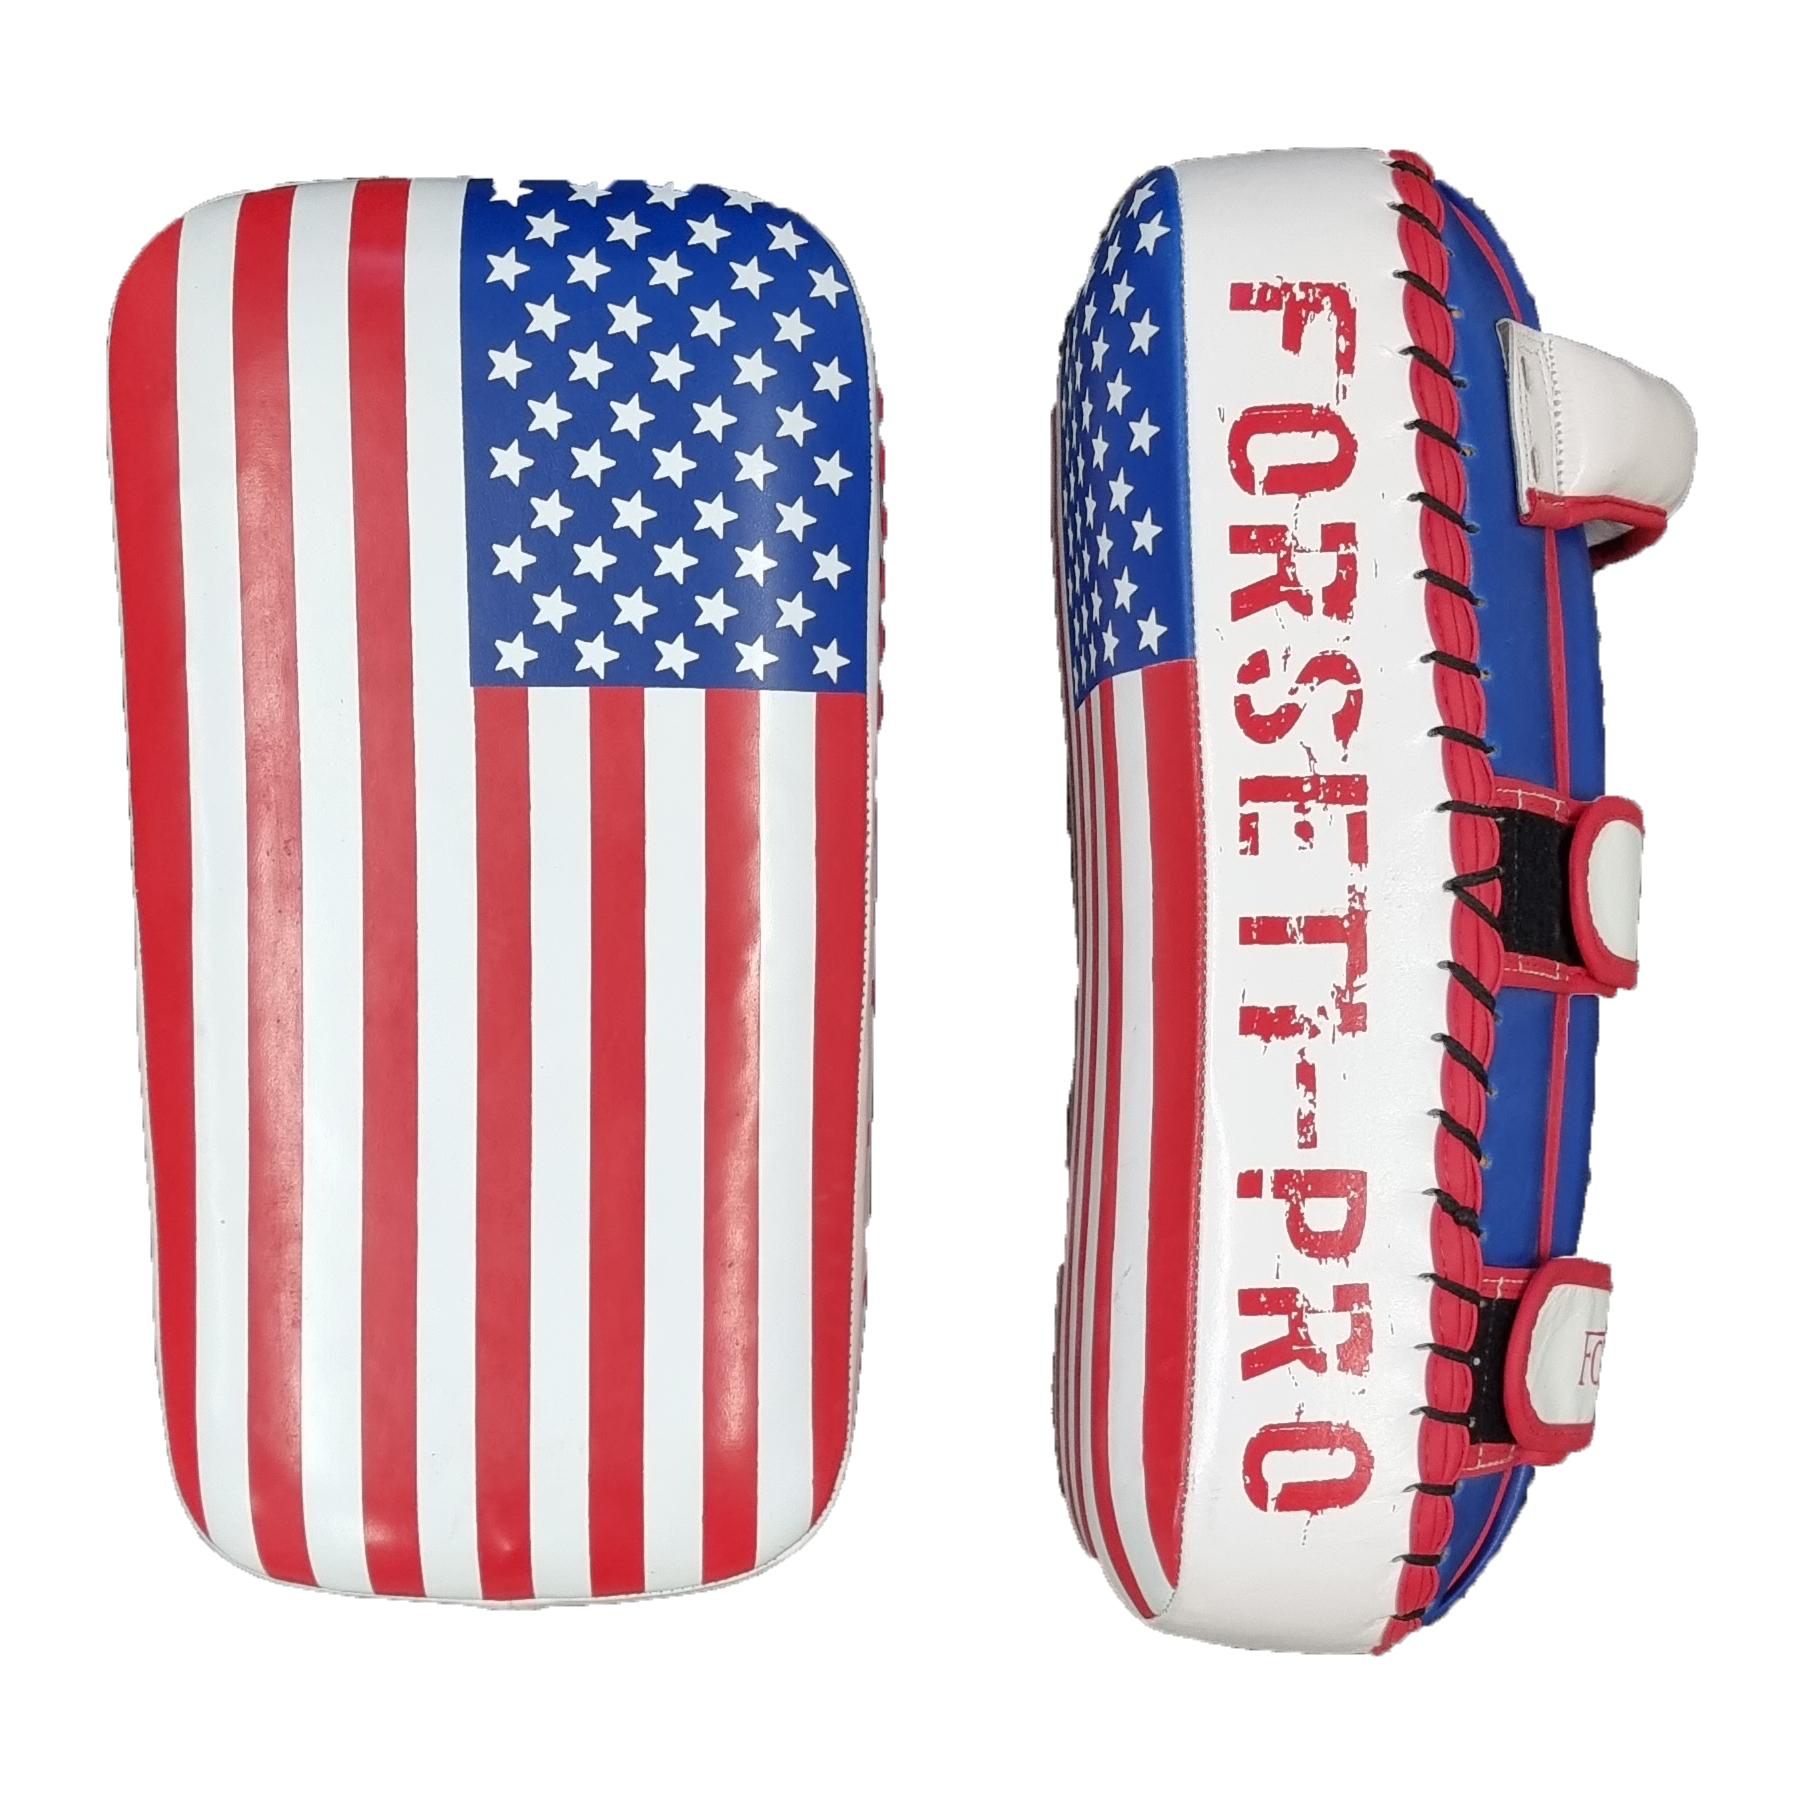 Forseti Pro Armpad - Kunstleer -  USA Flag - Set van 2